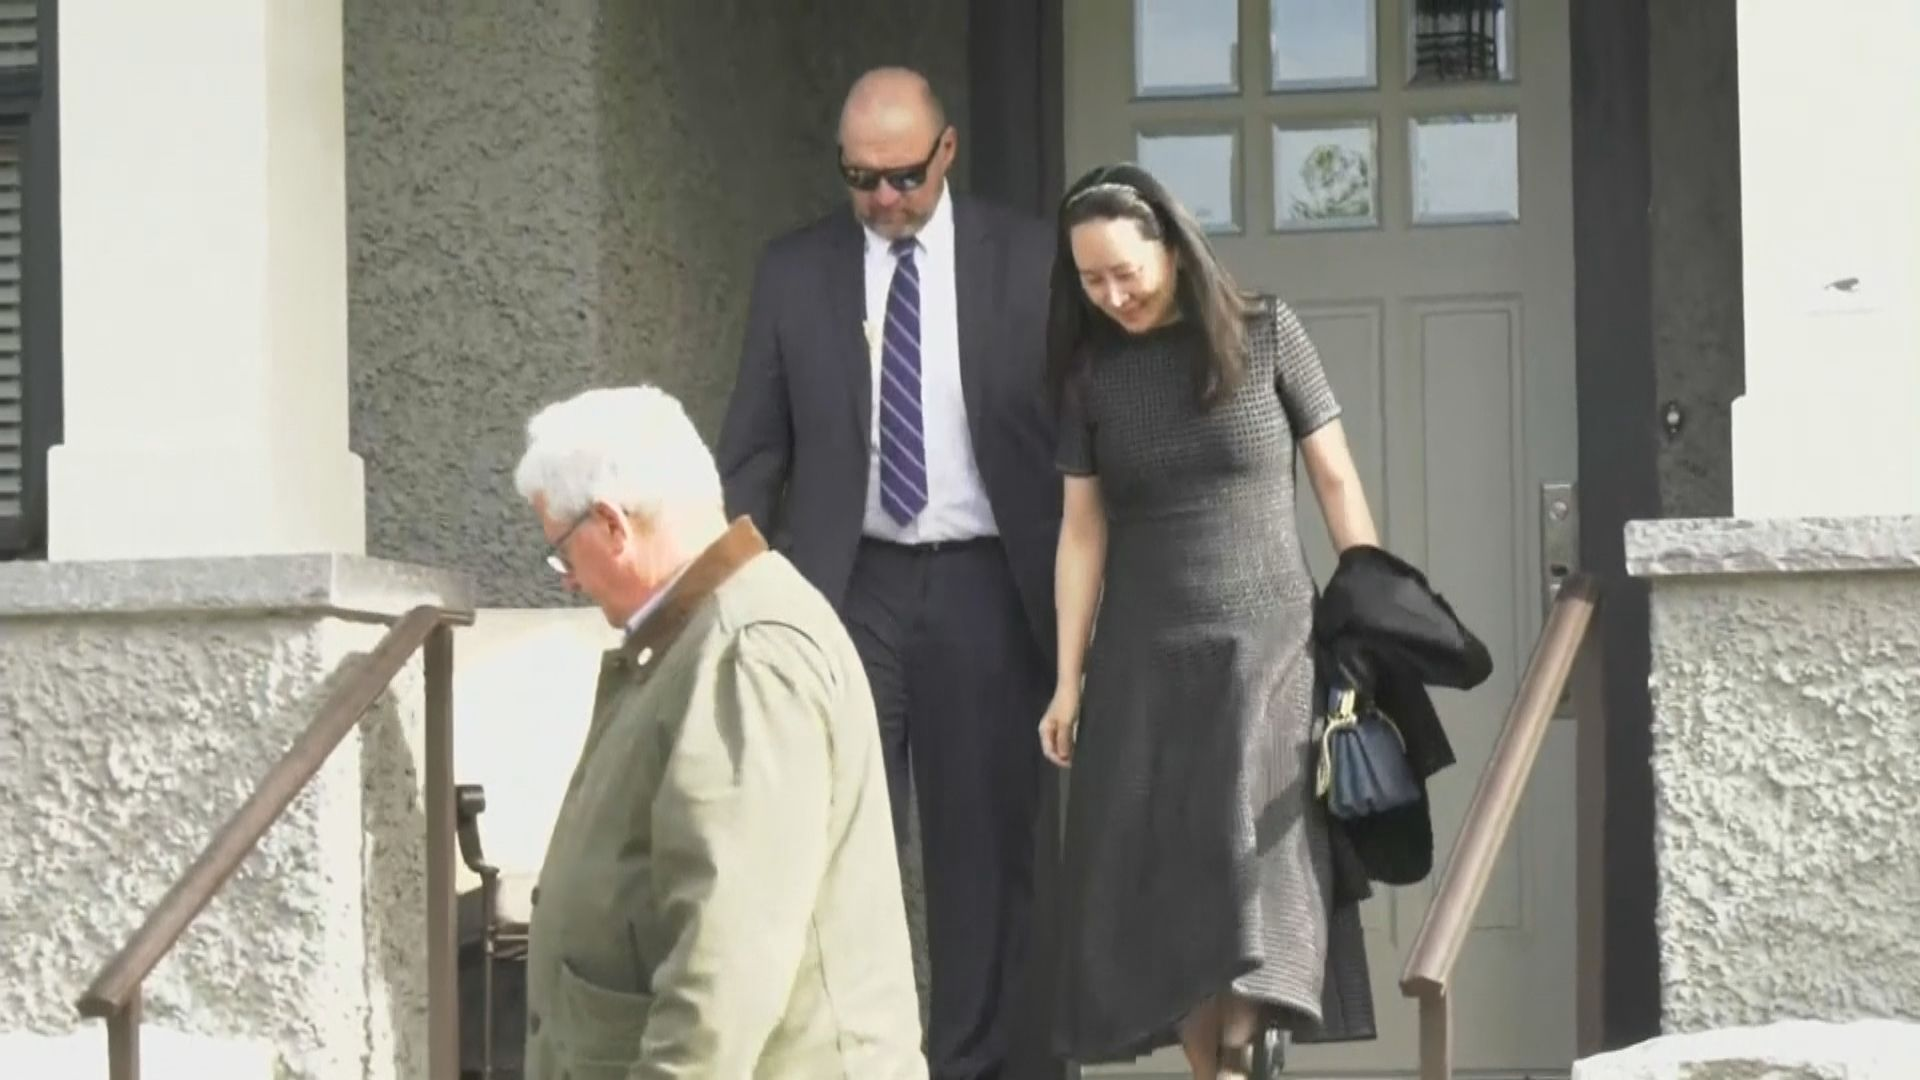 律師估計孟晚舟引渡聆訊可在兩年內完成審理